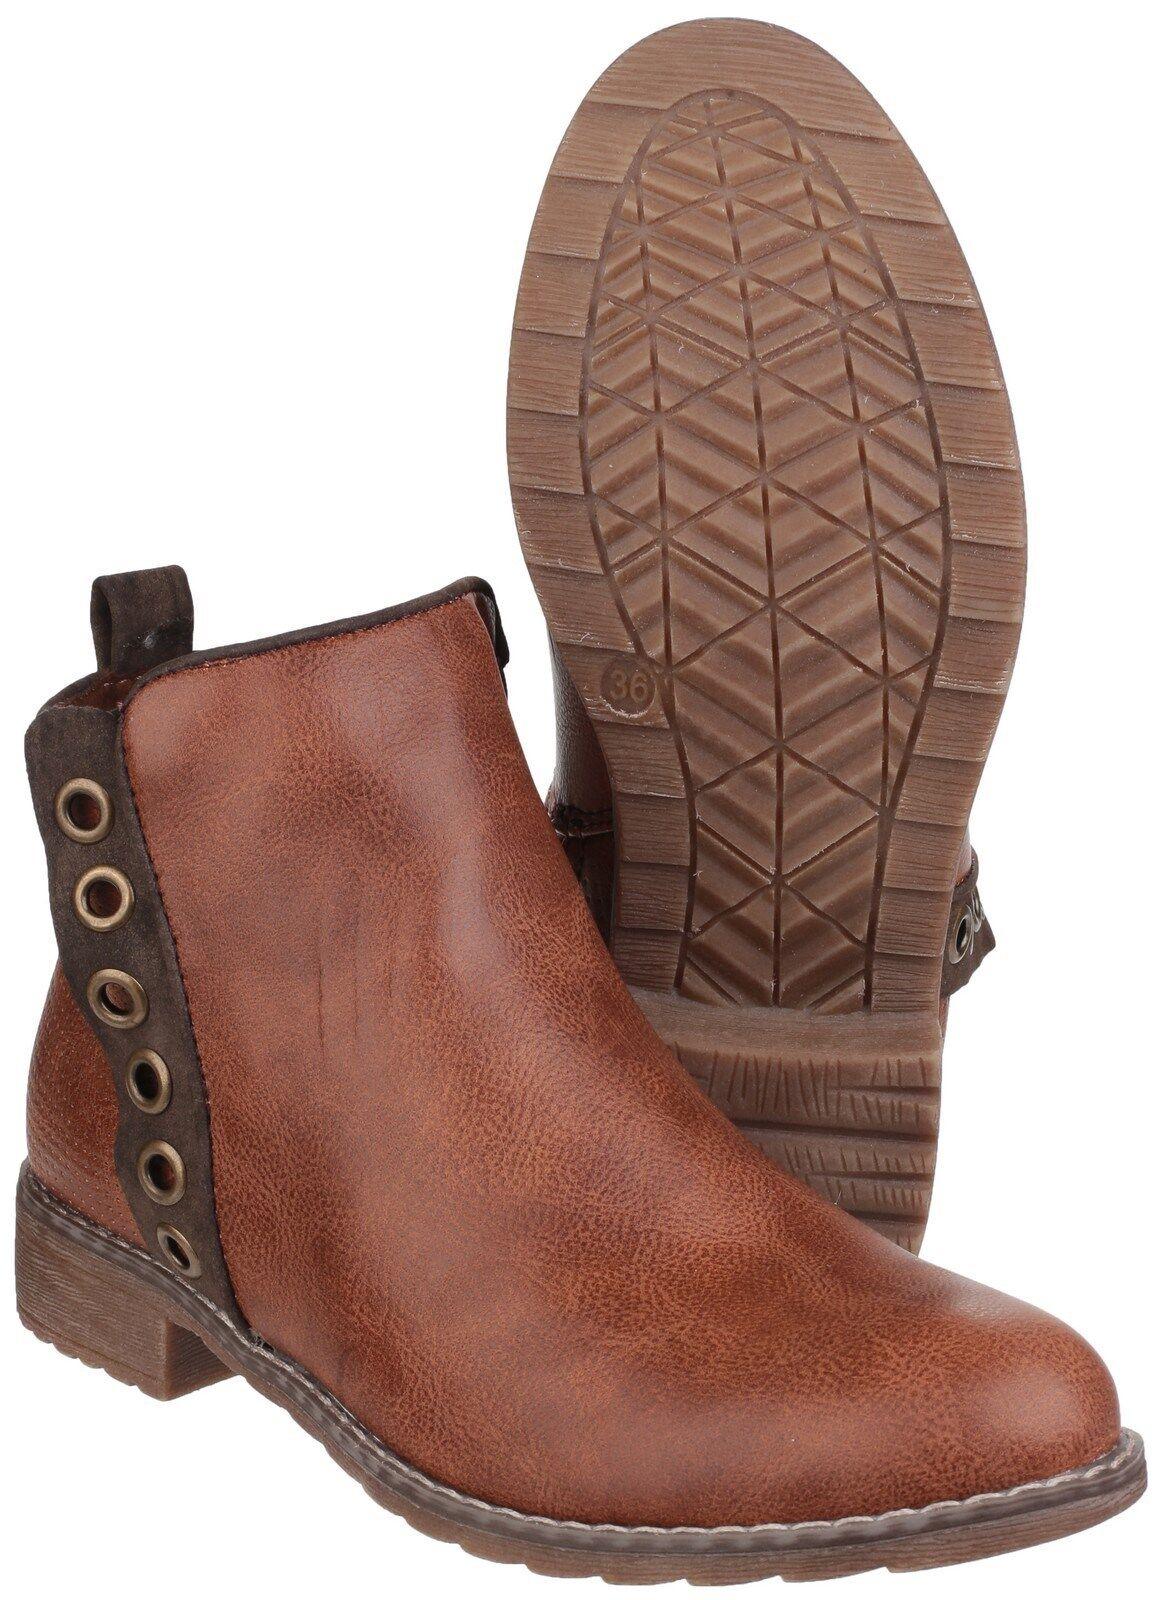 Divaz demi cheville à enfiler pour femme marron clair clair clair talon fashion fermeture éclair bottes chaussures UK3-8 323e62